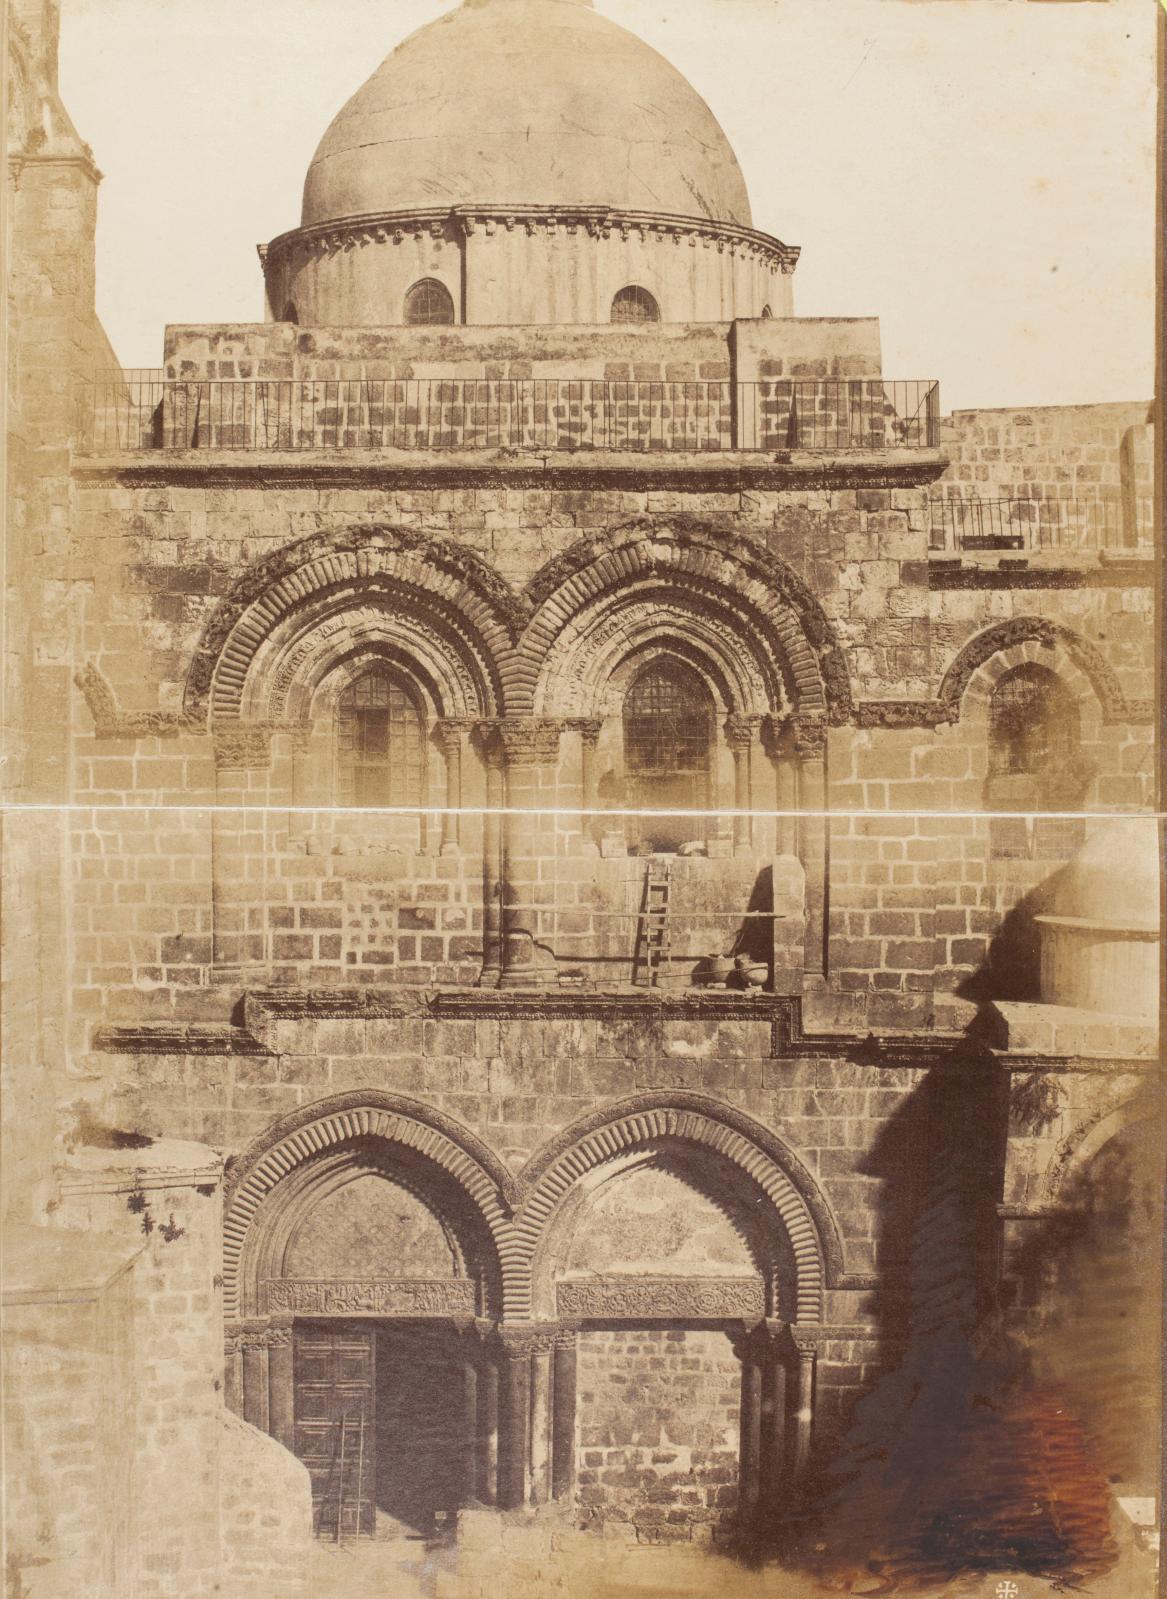 Mendel Diness: Palestine - panorama de Jérusalem, L'église du Saint-Sépulcre (détail).